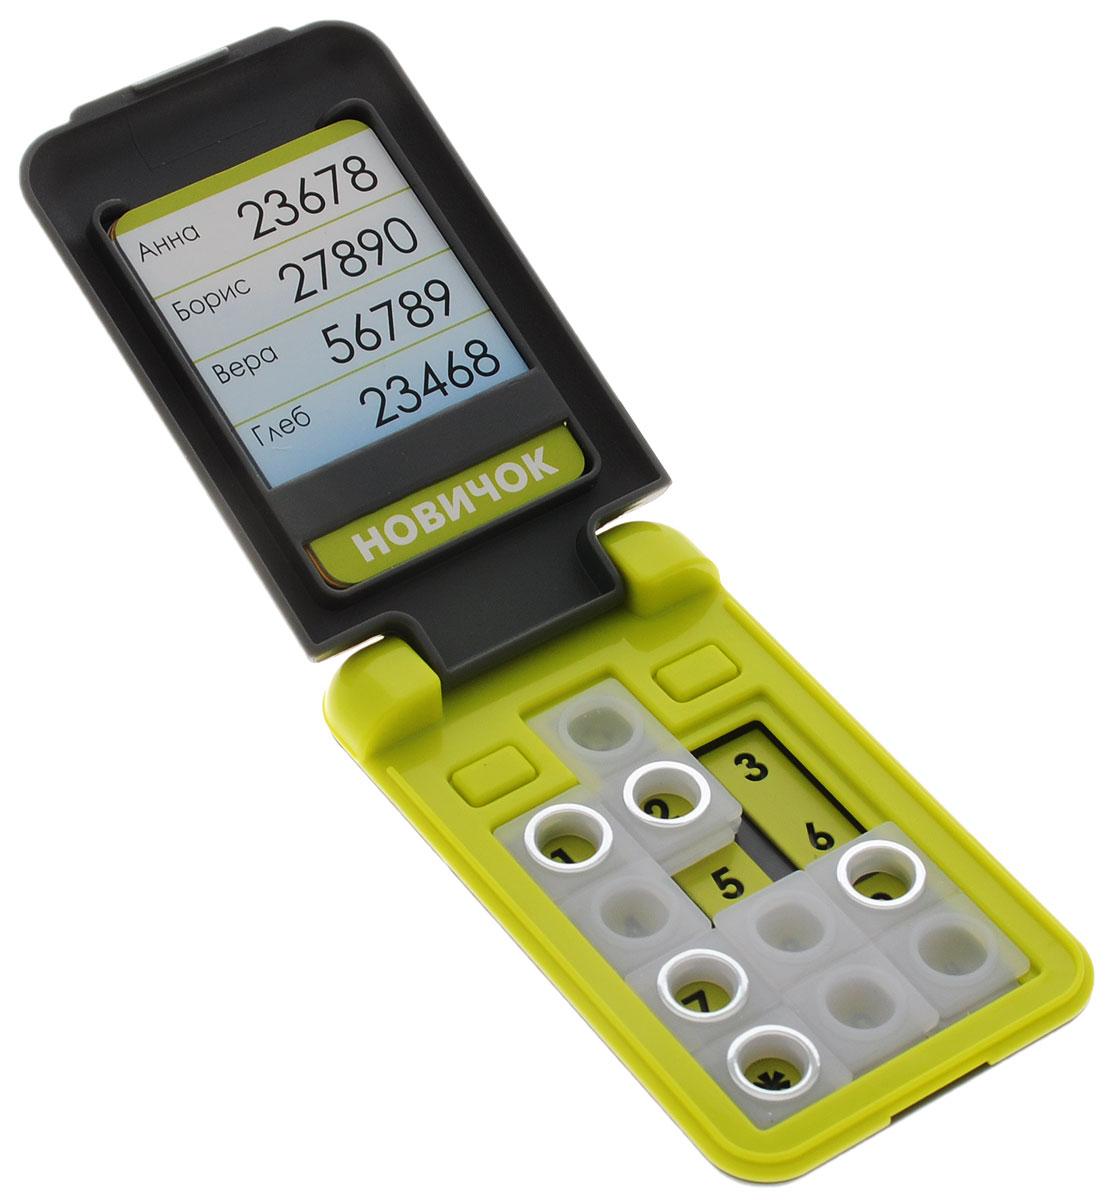 Bondibon Игра Смартфон цвет салатовыйВВ0843_салатовыйСамый доступный и совершенно безопасный, яркий и модный персональный смартфон, не требующий подзарядки и обновления программного обеспечения принесет удовольствие как ребенку, так и взрослому. Компактный продуманный дизайн позволит не отвлекаться от игры даже в стесненных дорожных условиях. Карточка с заданиями помещается во внутреннее отделение дисплея смартфона. Кнопки на клавиатуре игры необходимо перемещать таким образом, чтобы все цифры из задания стали видны сквозь отверстия на кнопках. Игрушка с заданиями от простых - для семилетних малышей, до сложных - для опытных любителей логических головоломок. Увлекательная игра скрасит время вынужденного ожидания и длительного путешествия.